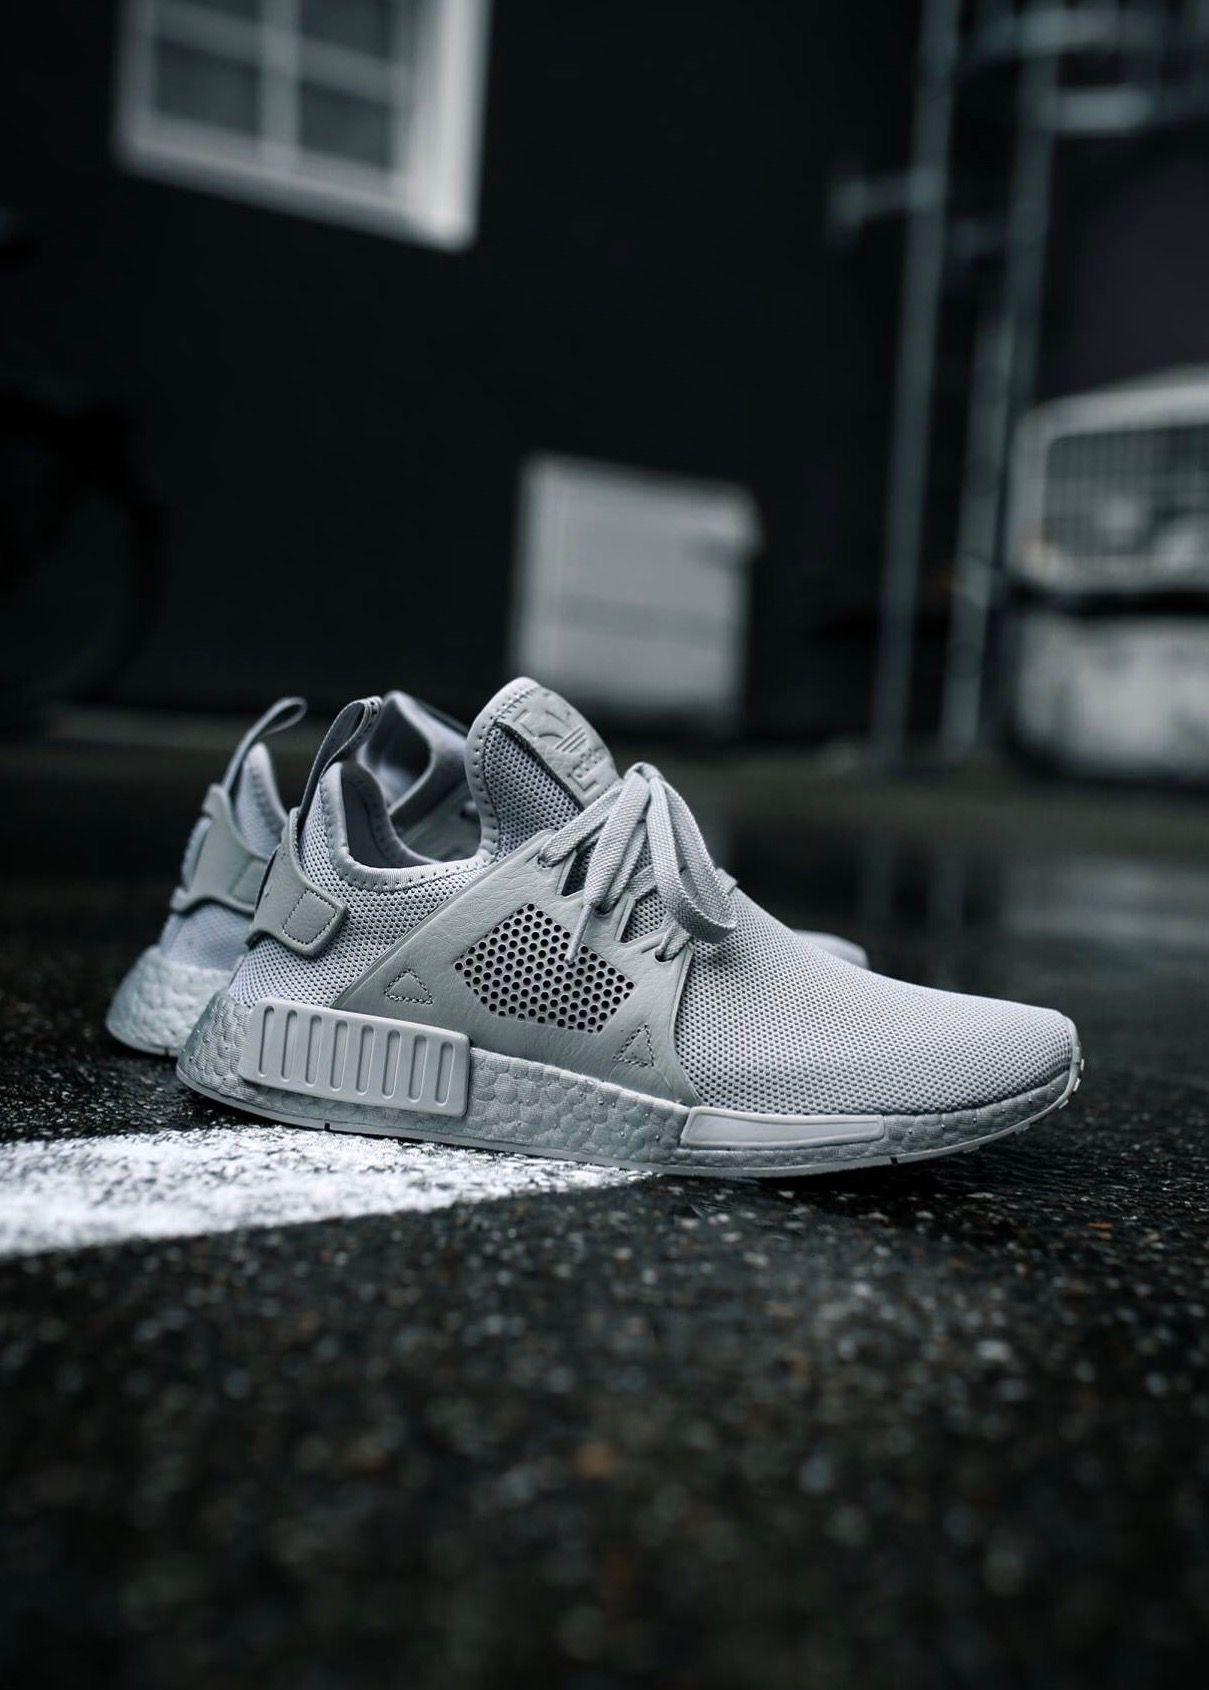 timeless design ffd69 02932 Sneaker amp streetwear follow filetlondon filetfamilia Best Sneakers, Adidas  Sneakers, Shoes